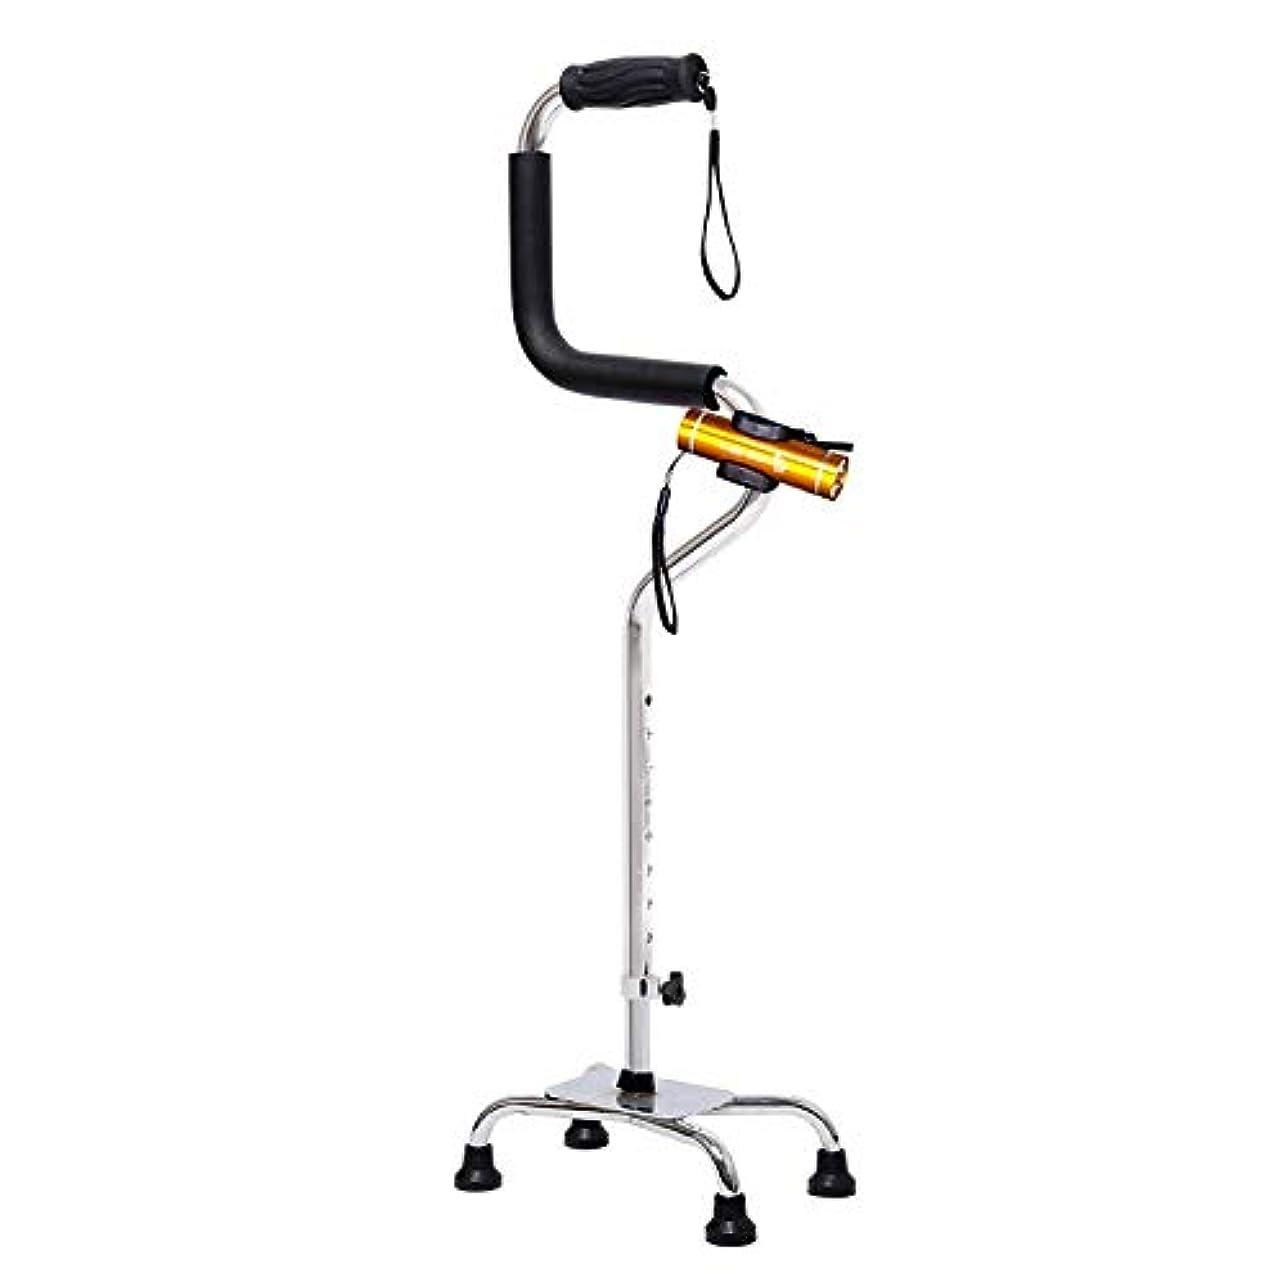 哲学博士フィールド経験的軽量ステッキ多機能照光式松葉杖高齢者伸縮自在歩行器 (Color : 銀, Size : Withlight)